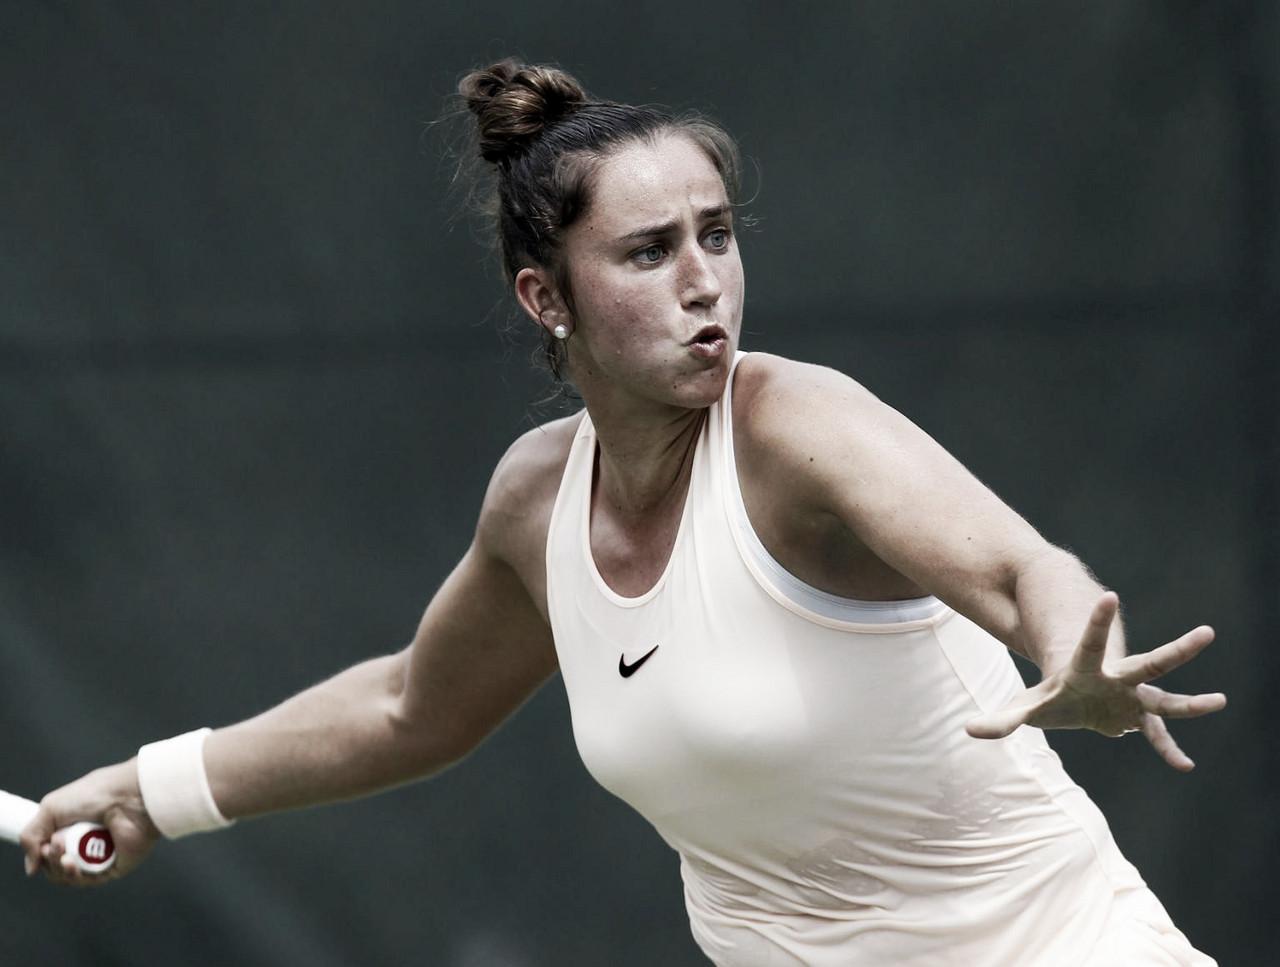 Sorribes pierde ante Hibino en el primer partido de la Fed Cup